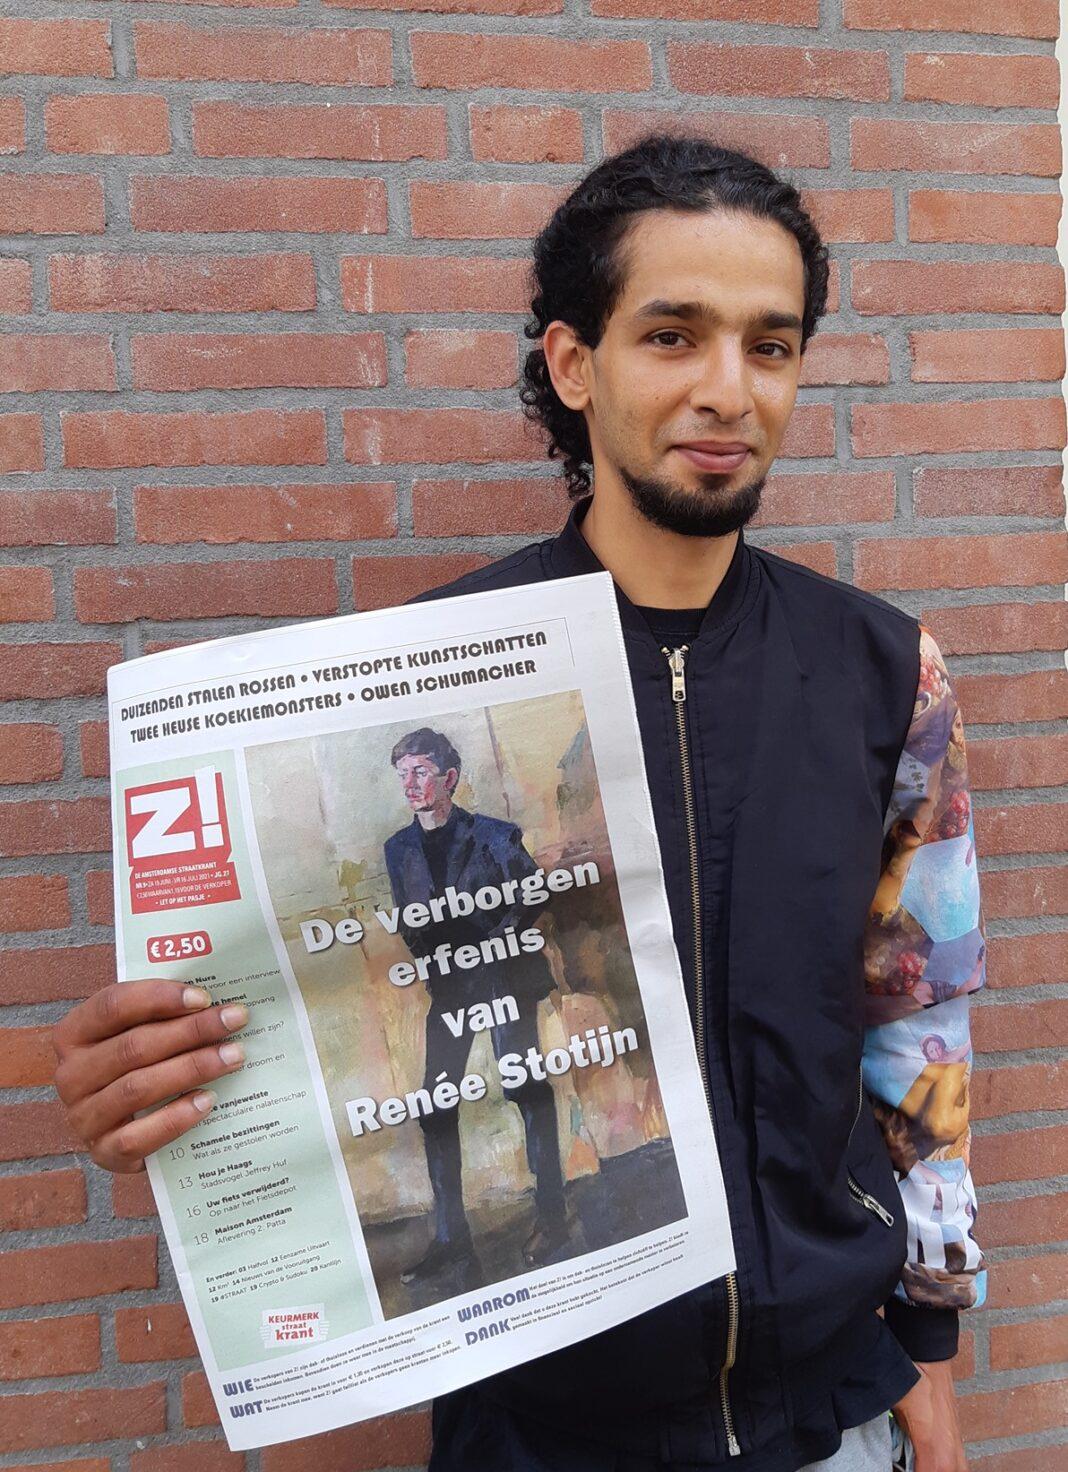 Z! verkoper Yassin met editie 9